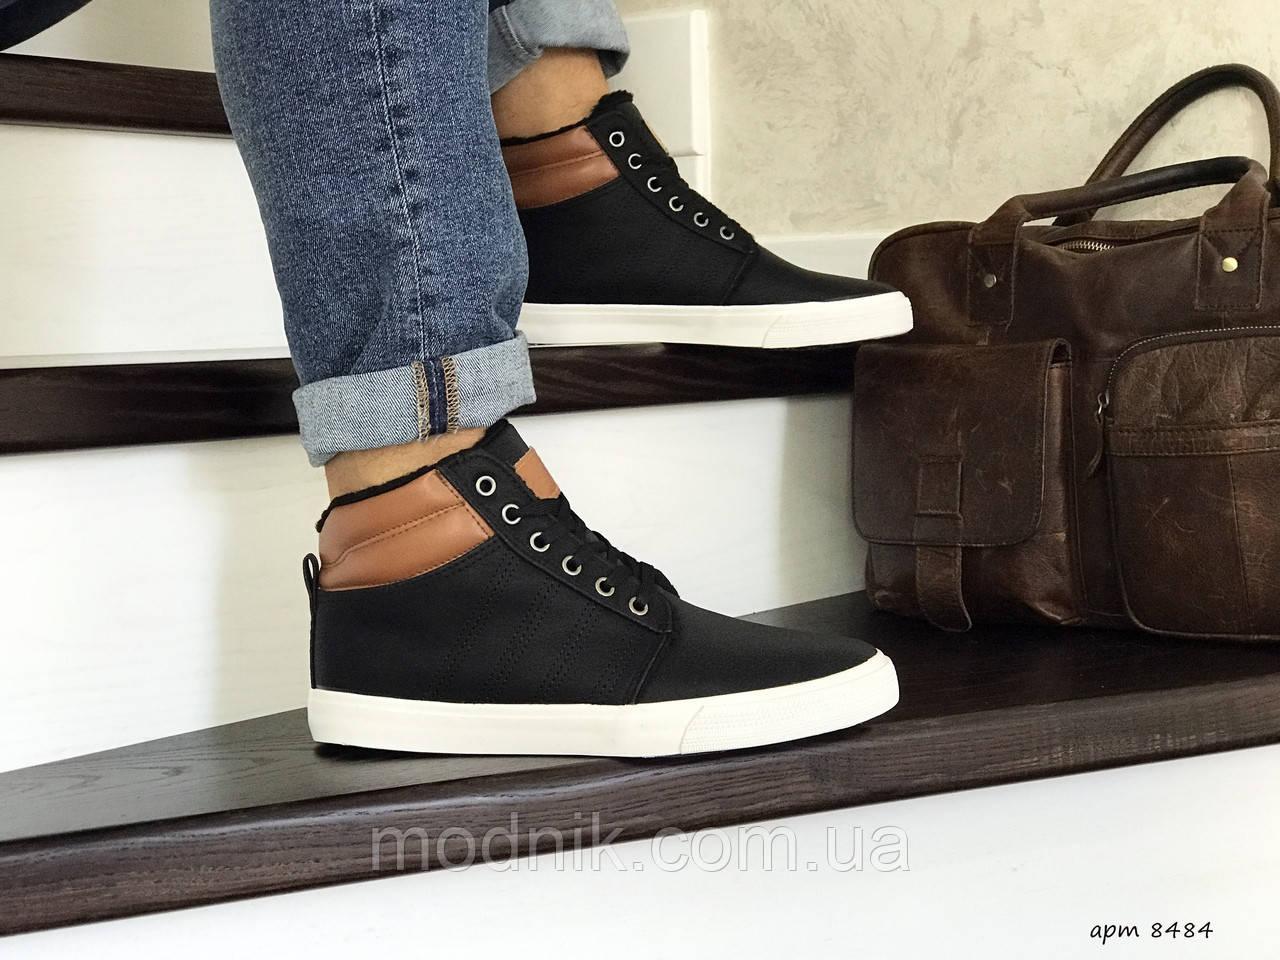 Мужские ботинки Vintage (черно-белые) ЗИМА